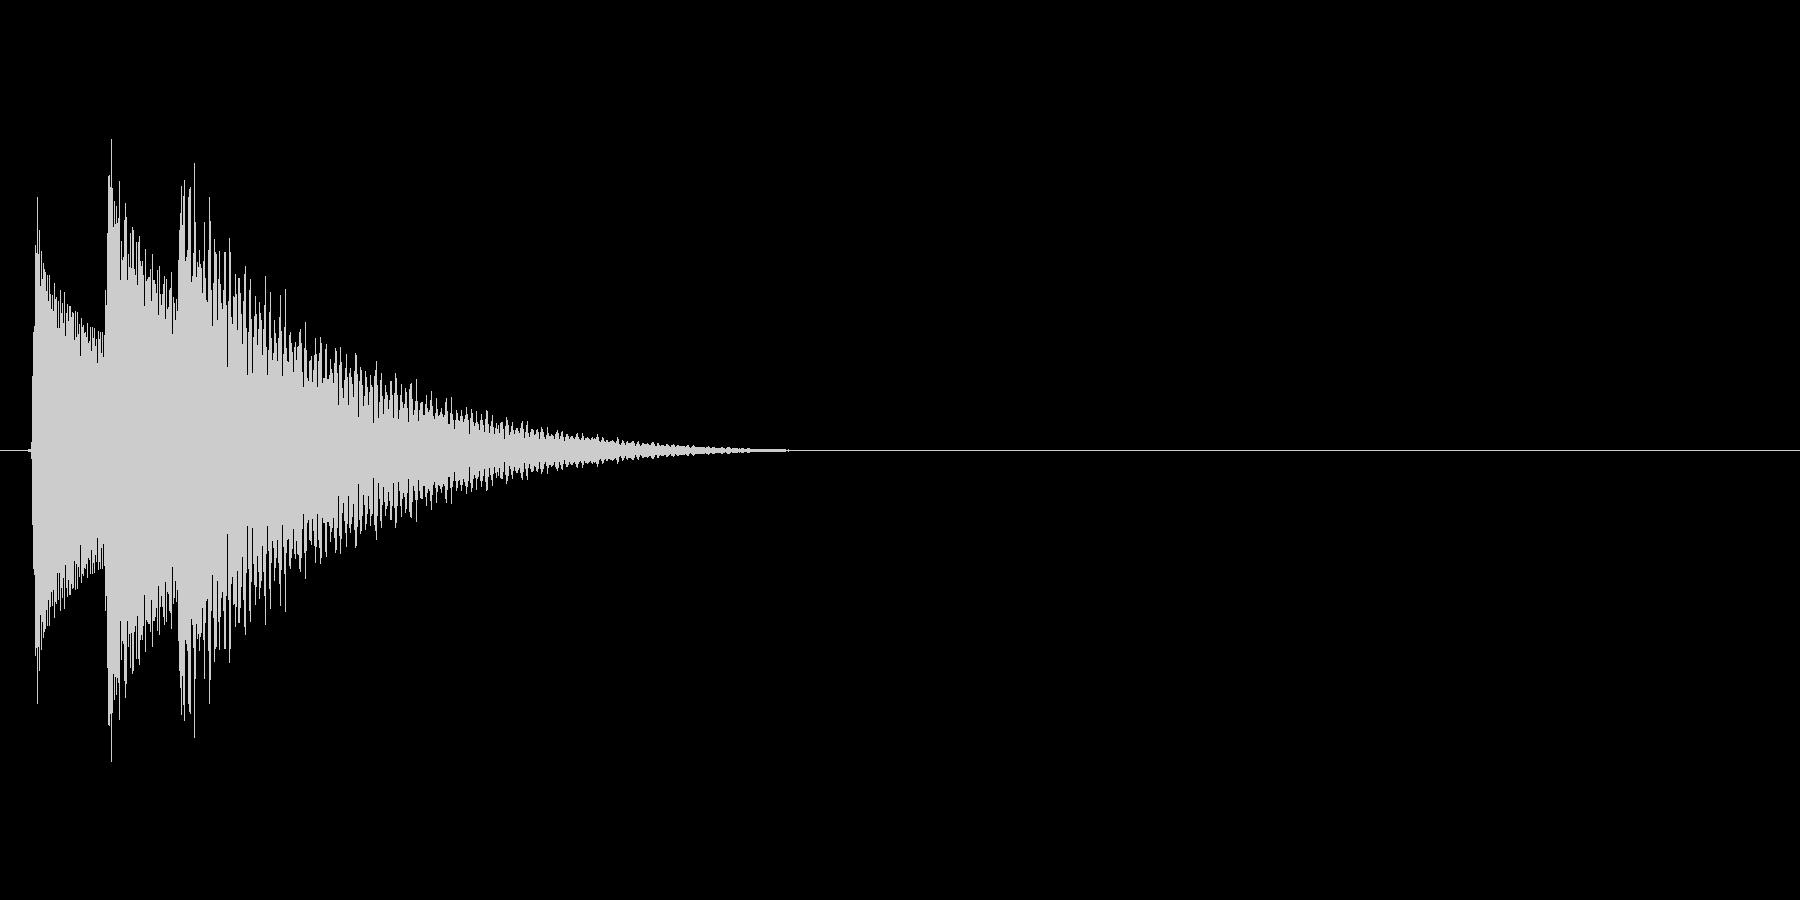 シンプルで汎用的な決定音その3の未再生の波形